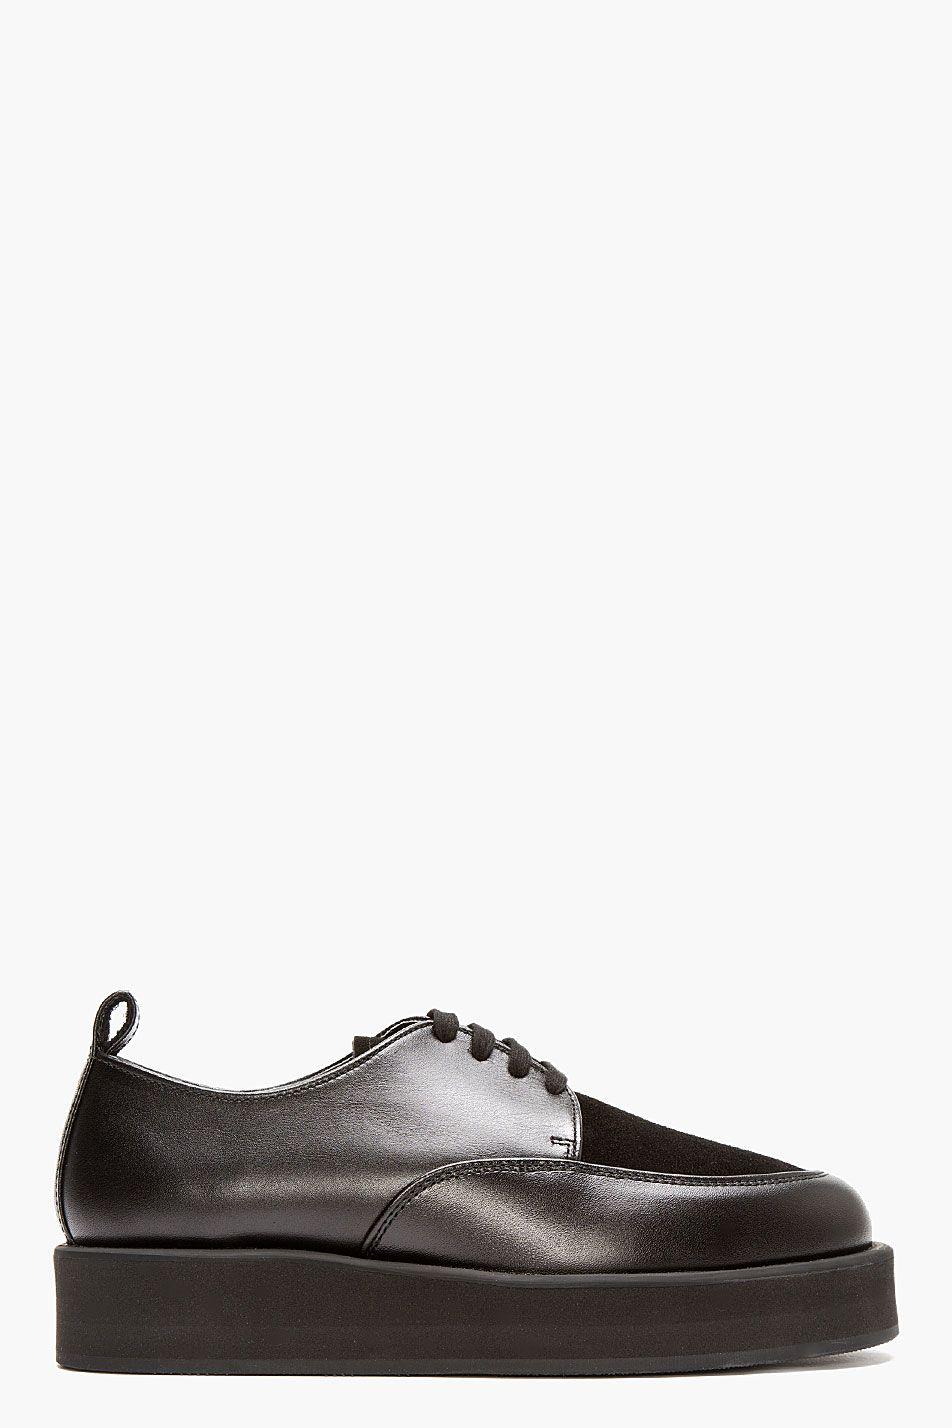 Comme des Garçons Homme Plus Beige Twill Sneakers P5hjJr